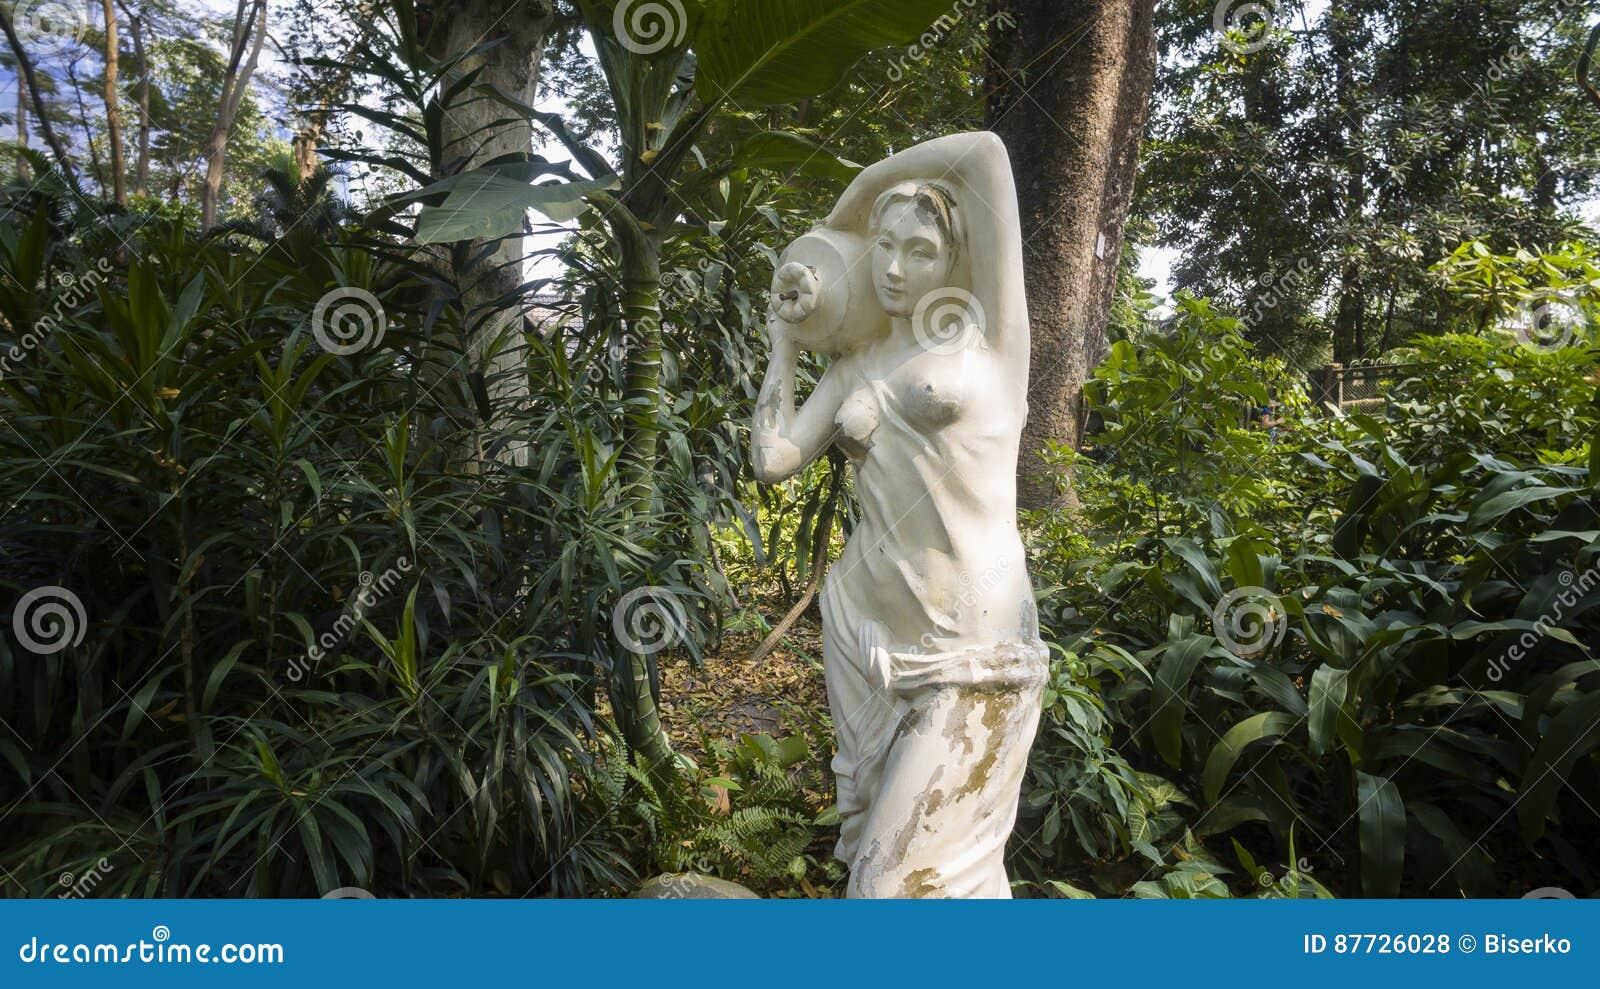 Skulptur Im Garten Stockfoto Bild Von Skulptur Mädchen 87726028